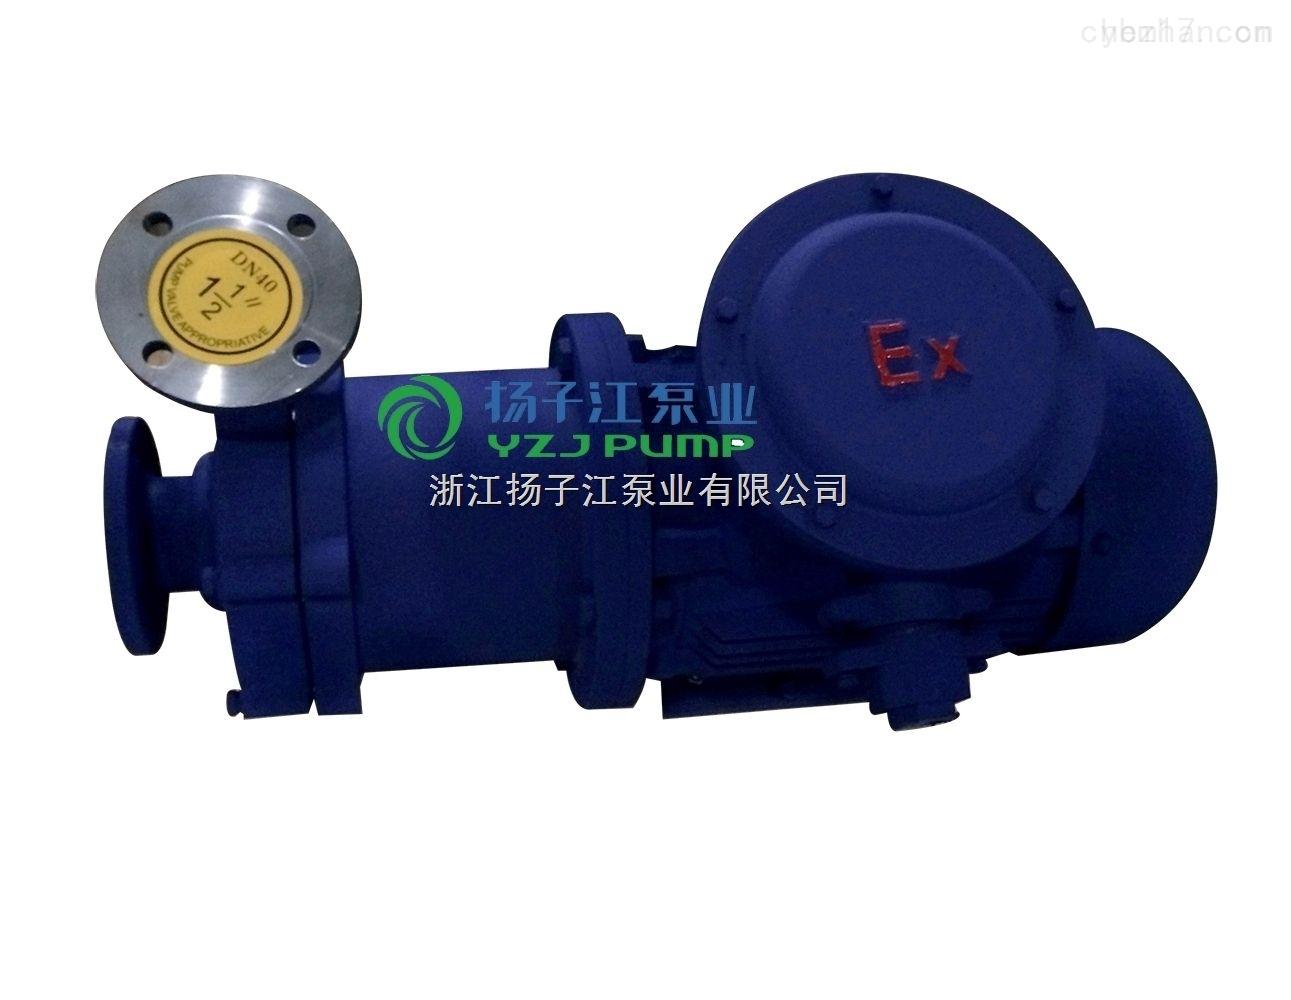 CQ型防爆不锈钢磁力泵抽送酸泵、碱液泵、油类稀有贵重液泵、毒液泵、挥发性液体泵